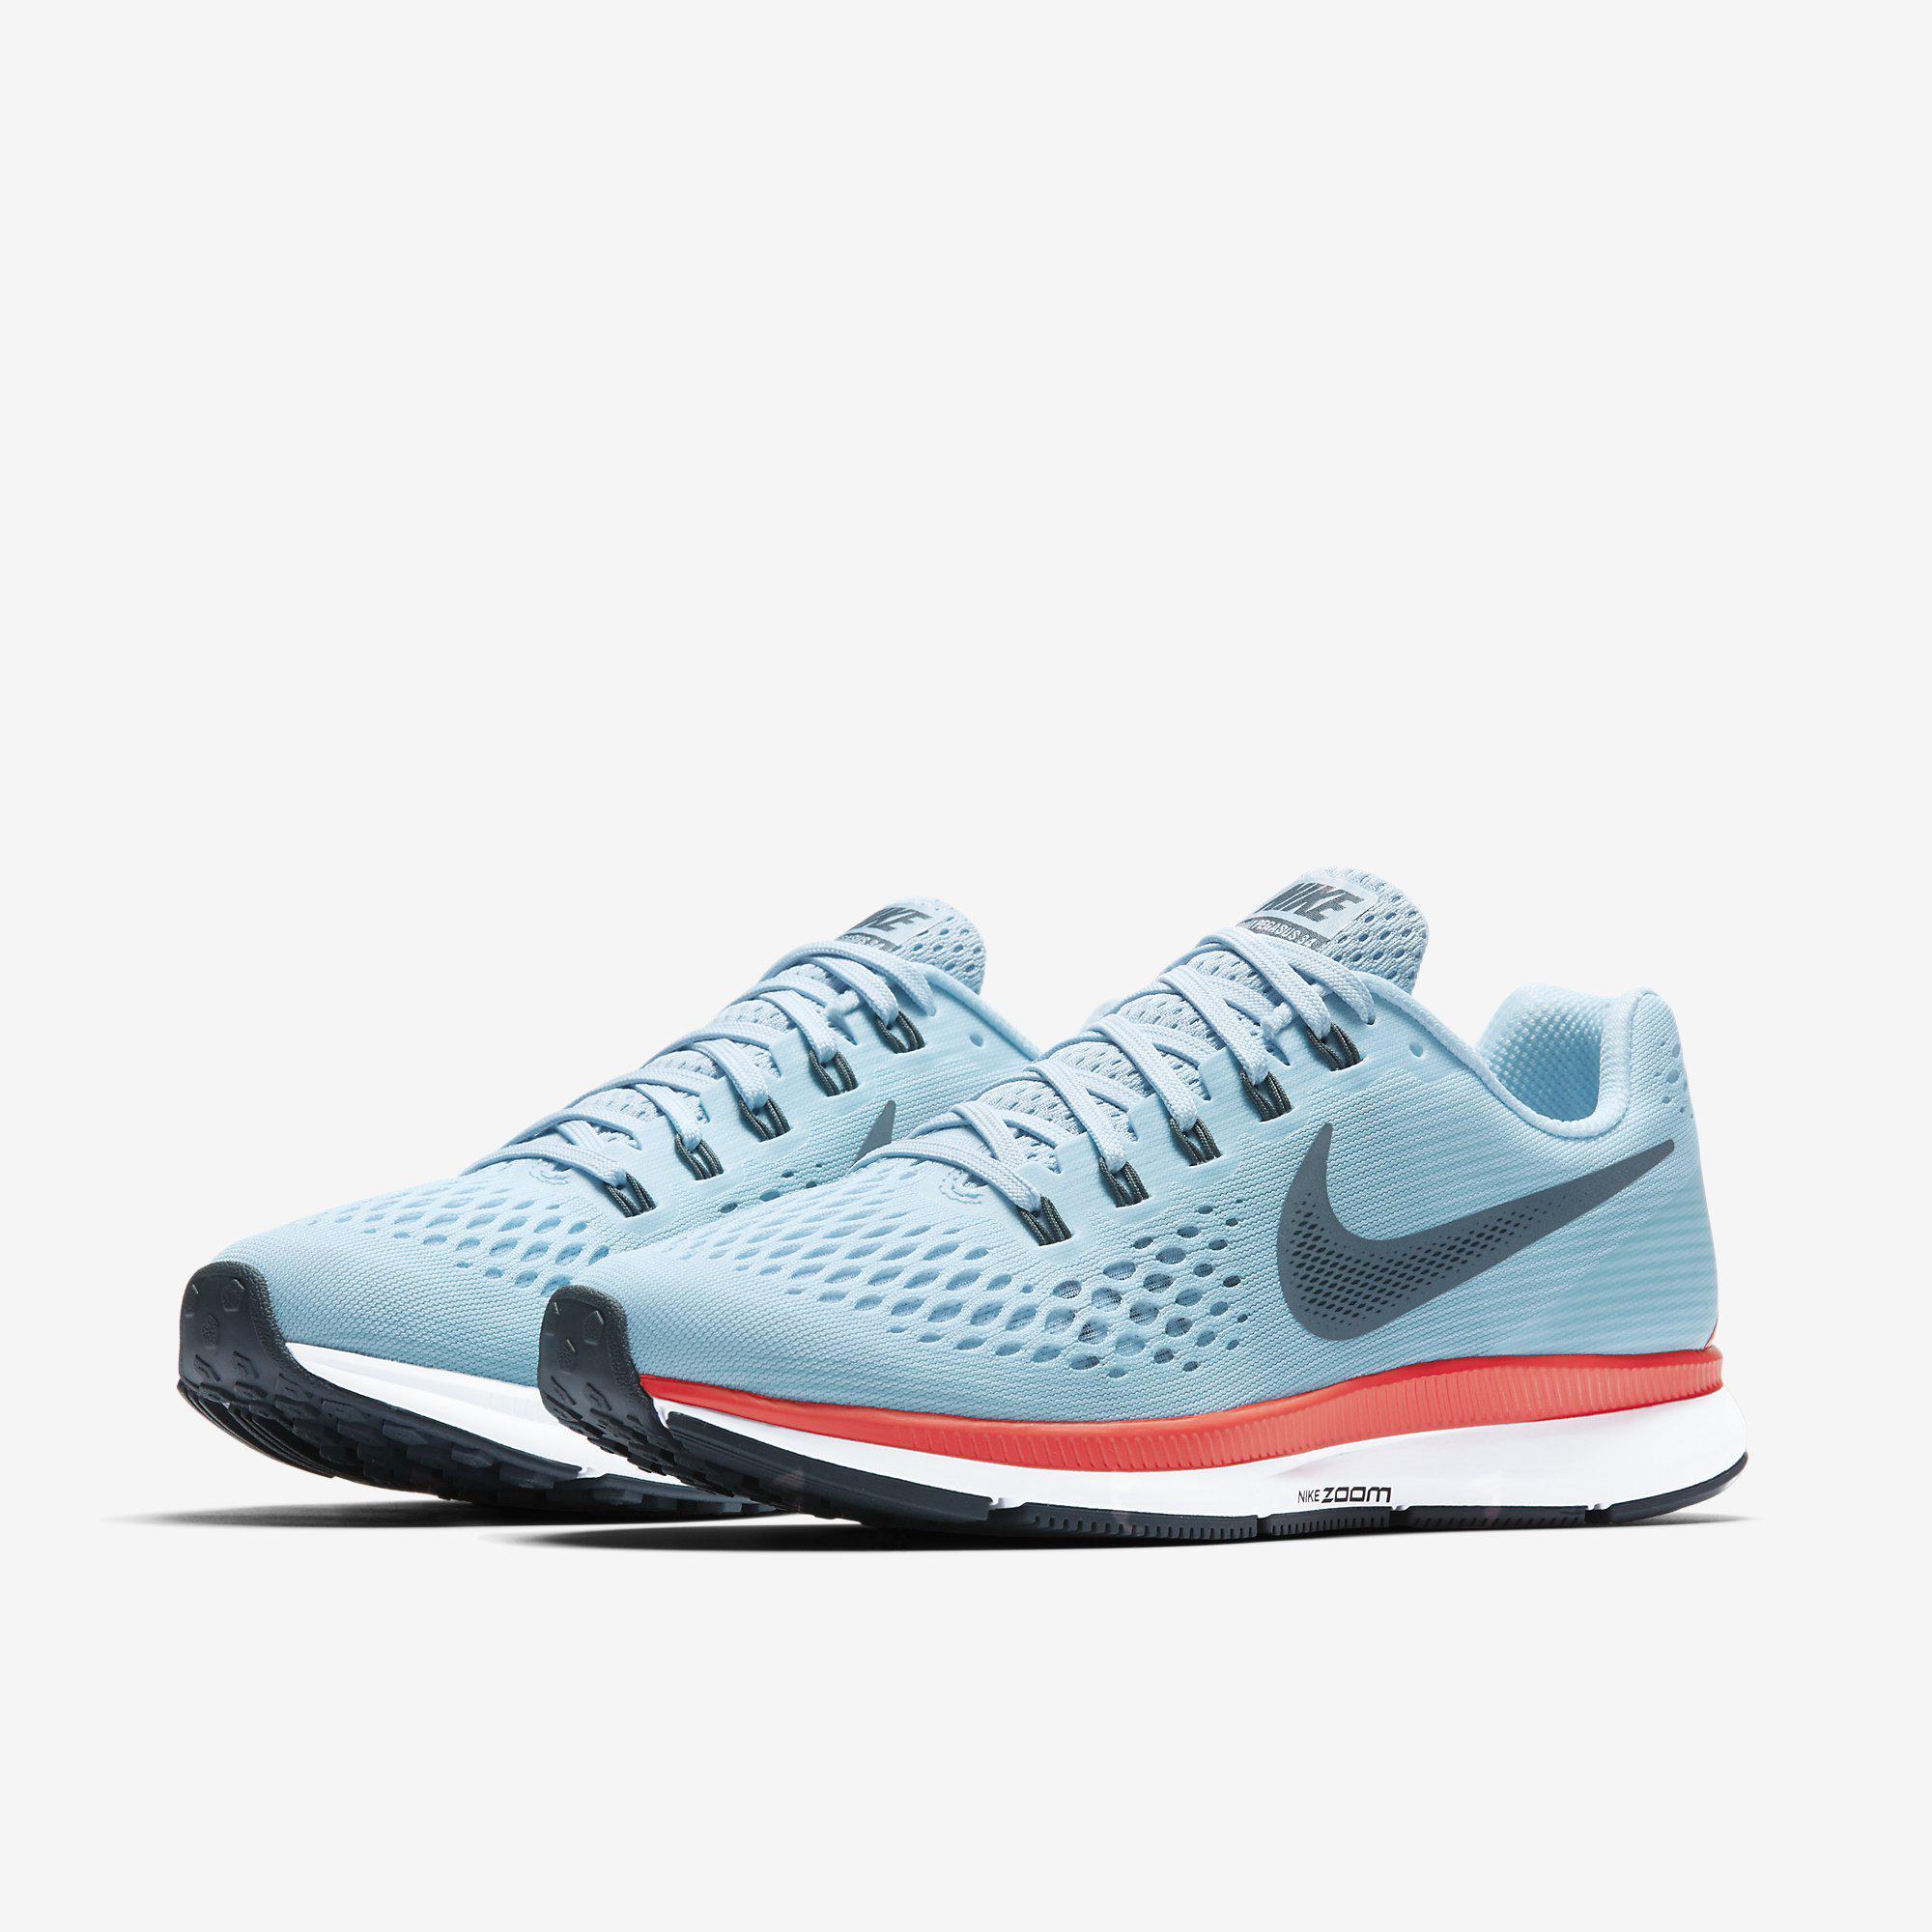 big sale 2b6fb efc7c Nike Womens Air Zoom Pegasus 34 Running Shoes - Ice Blue - Tennisnuts.com